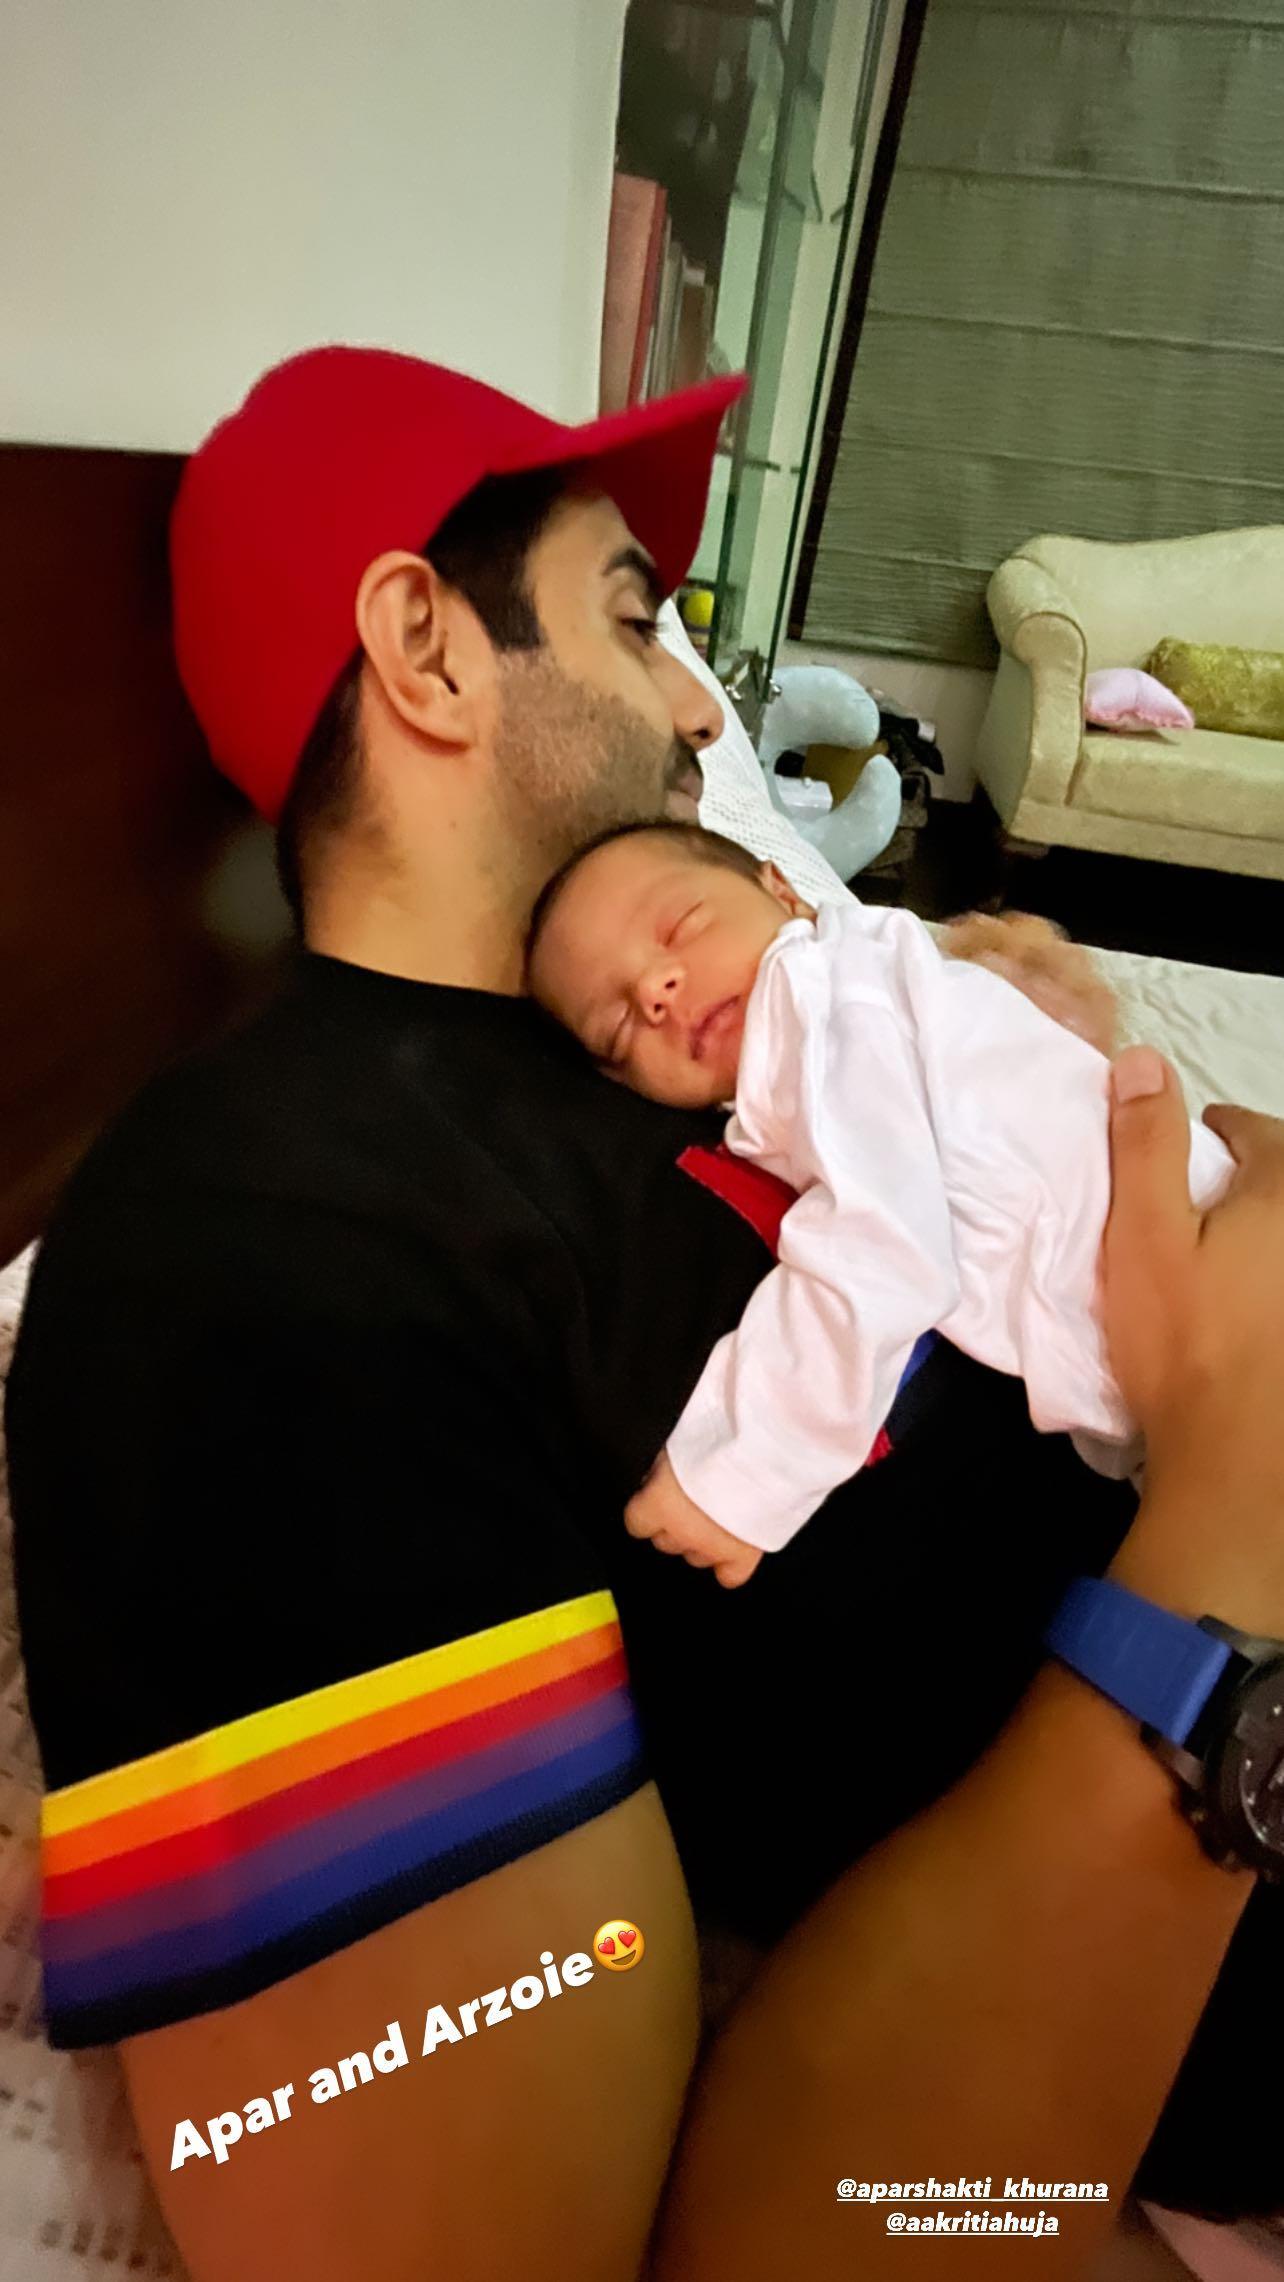 Aparshakti Khurana baby